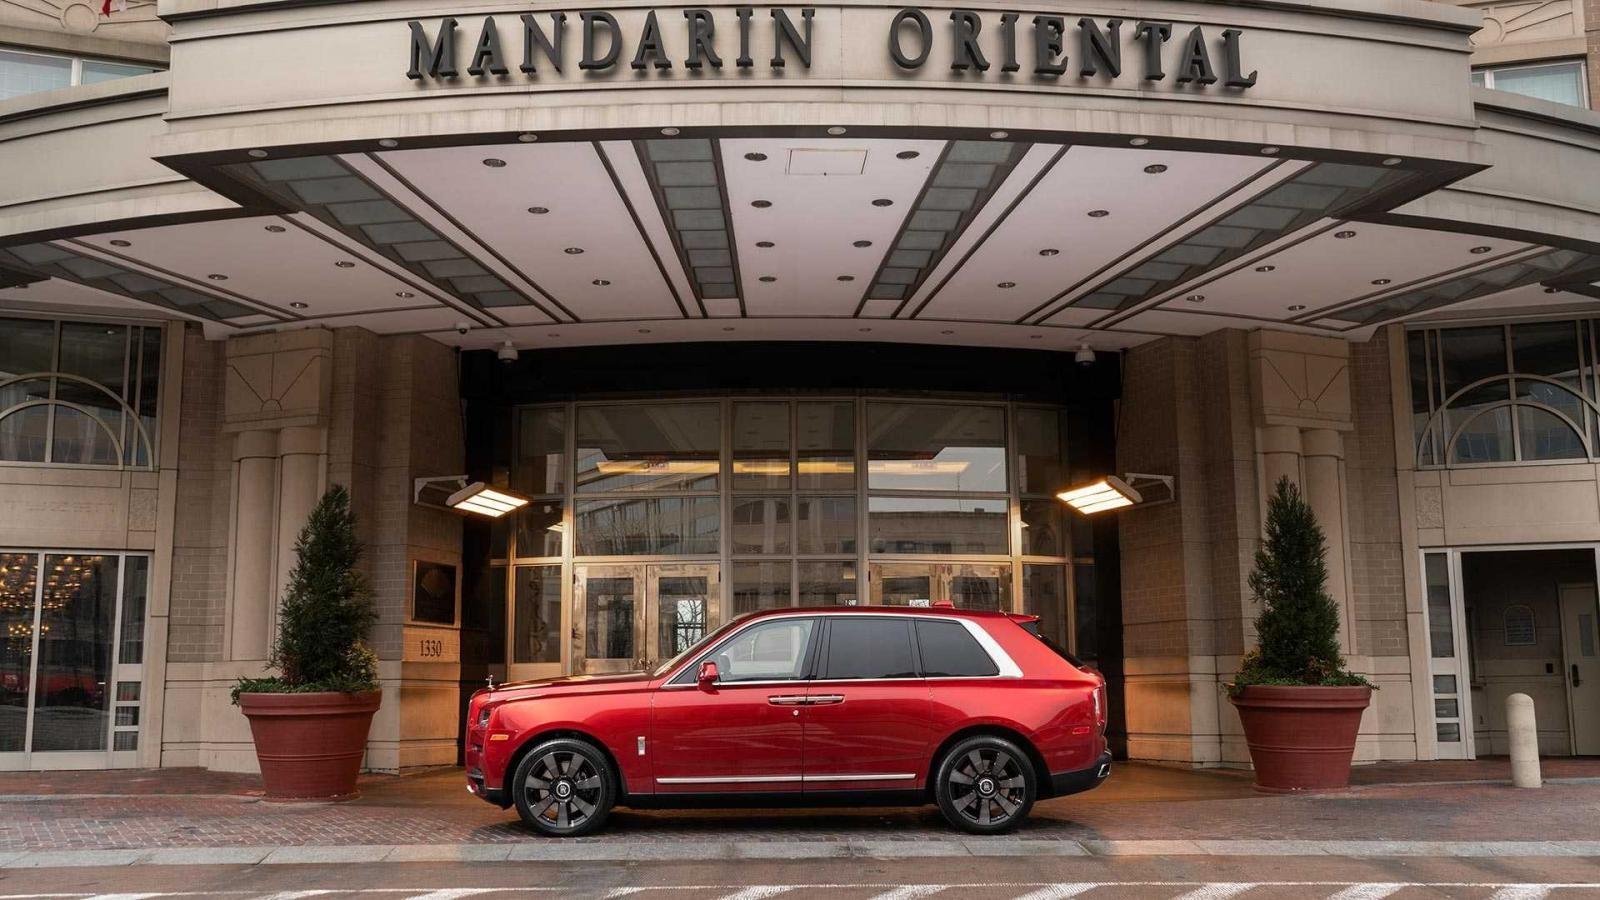 Rolls-Royce Cullinan phiên bản năm Kỷ Hợi của khách sạn Mandarin Oriental